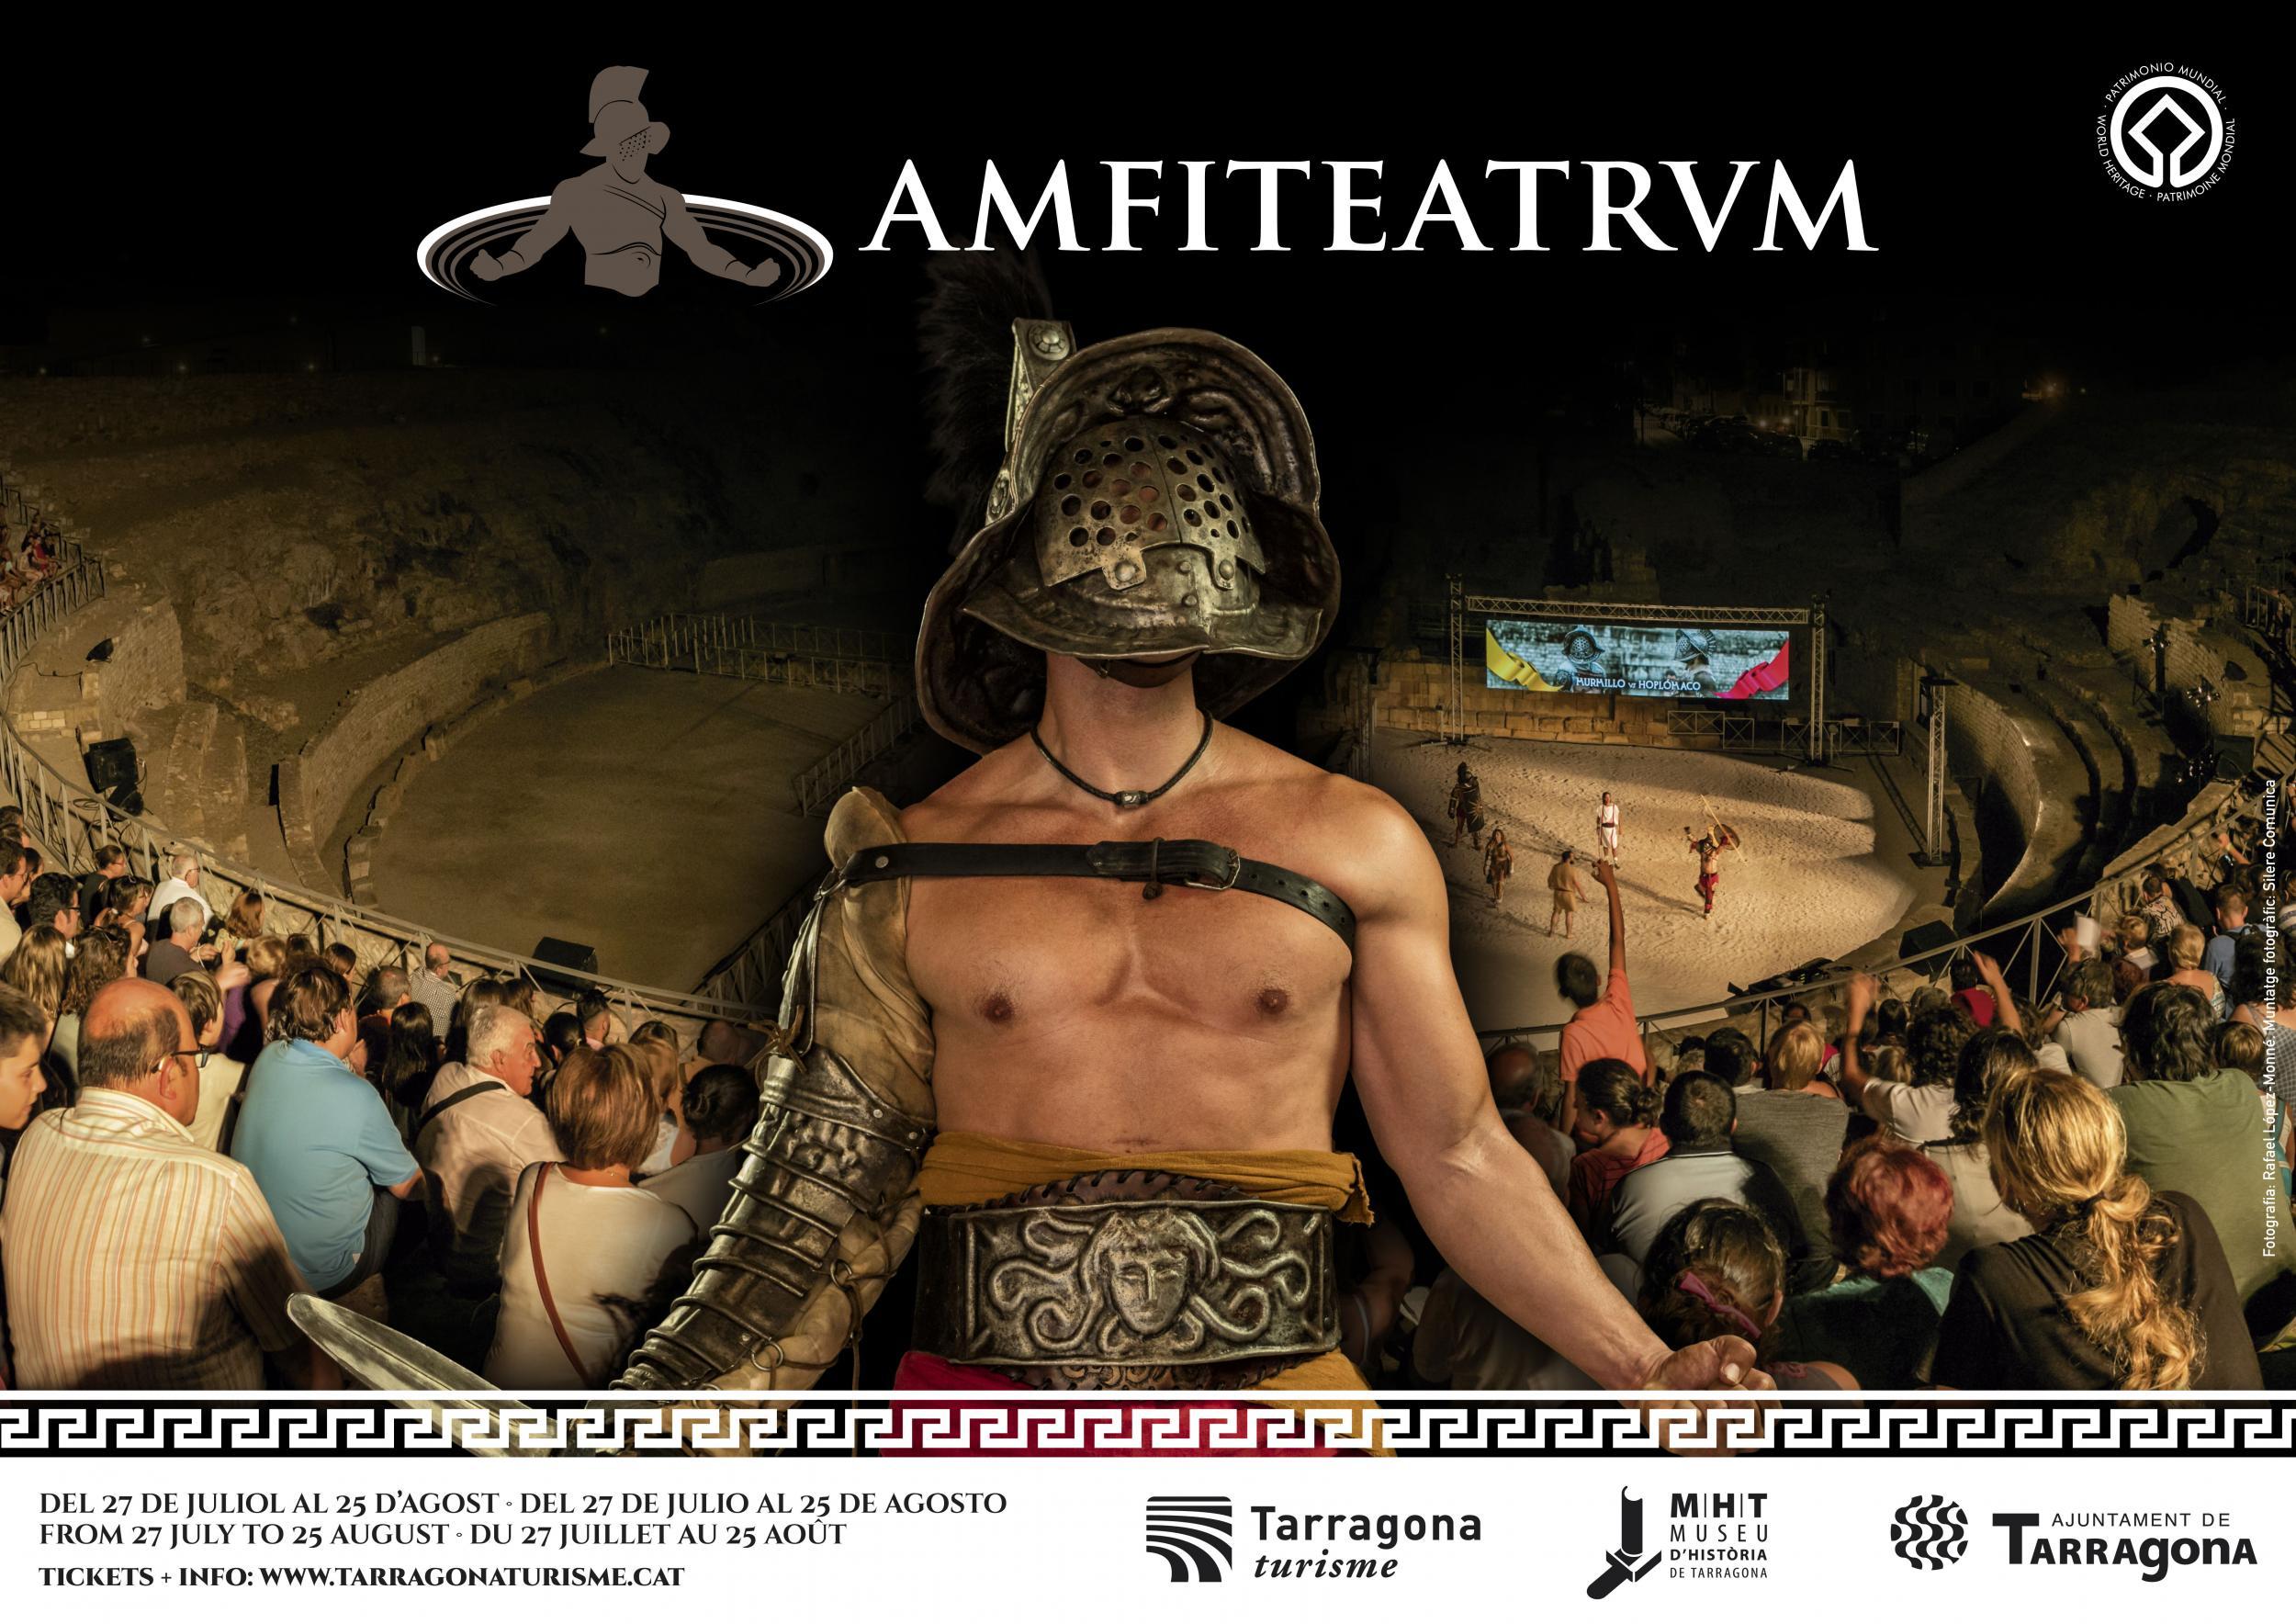 creativitat final definitiva amfiteatrum high resscorrecc - 'AMFITEATRVM', EL NUEVO Y ESPECTACULAR VIAJE AL PASADO ROMANO DE TARRAGONA PARA ESTE VERANO